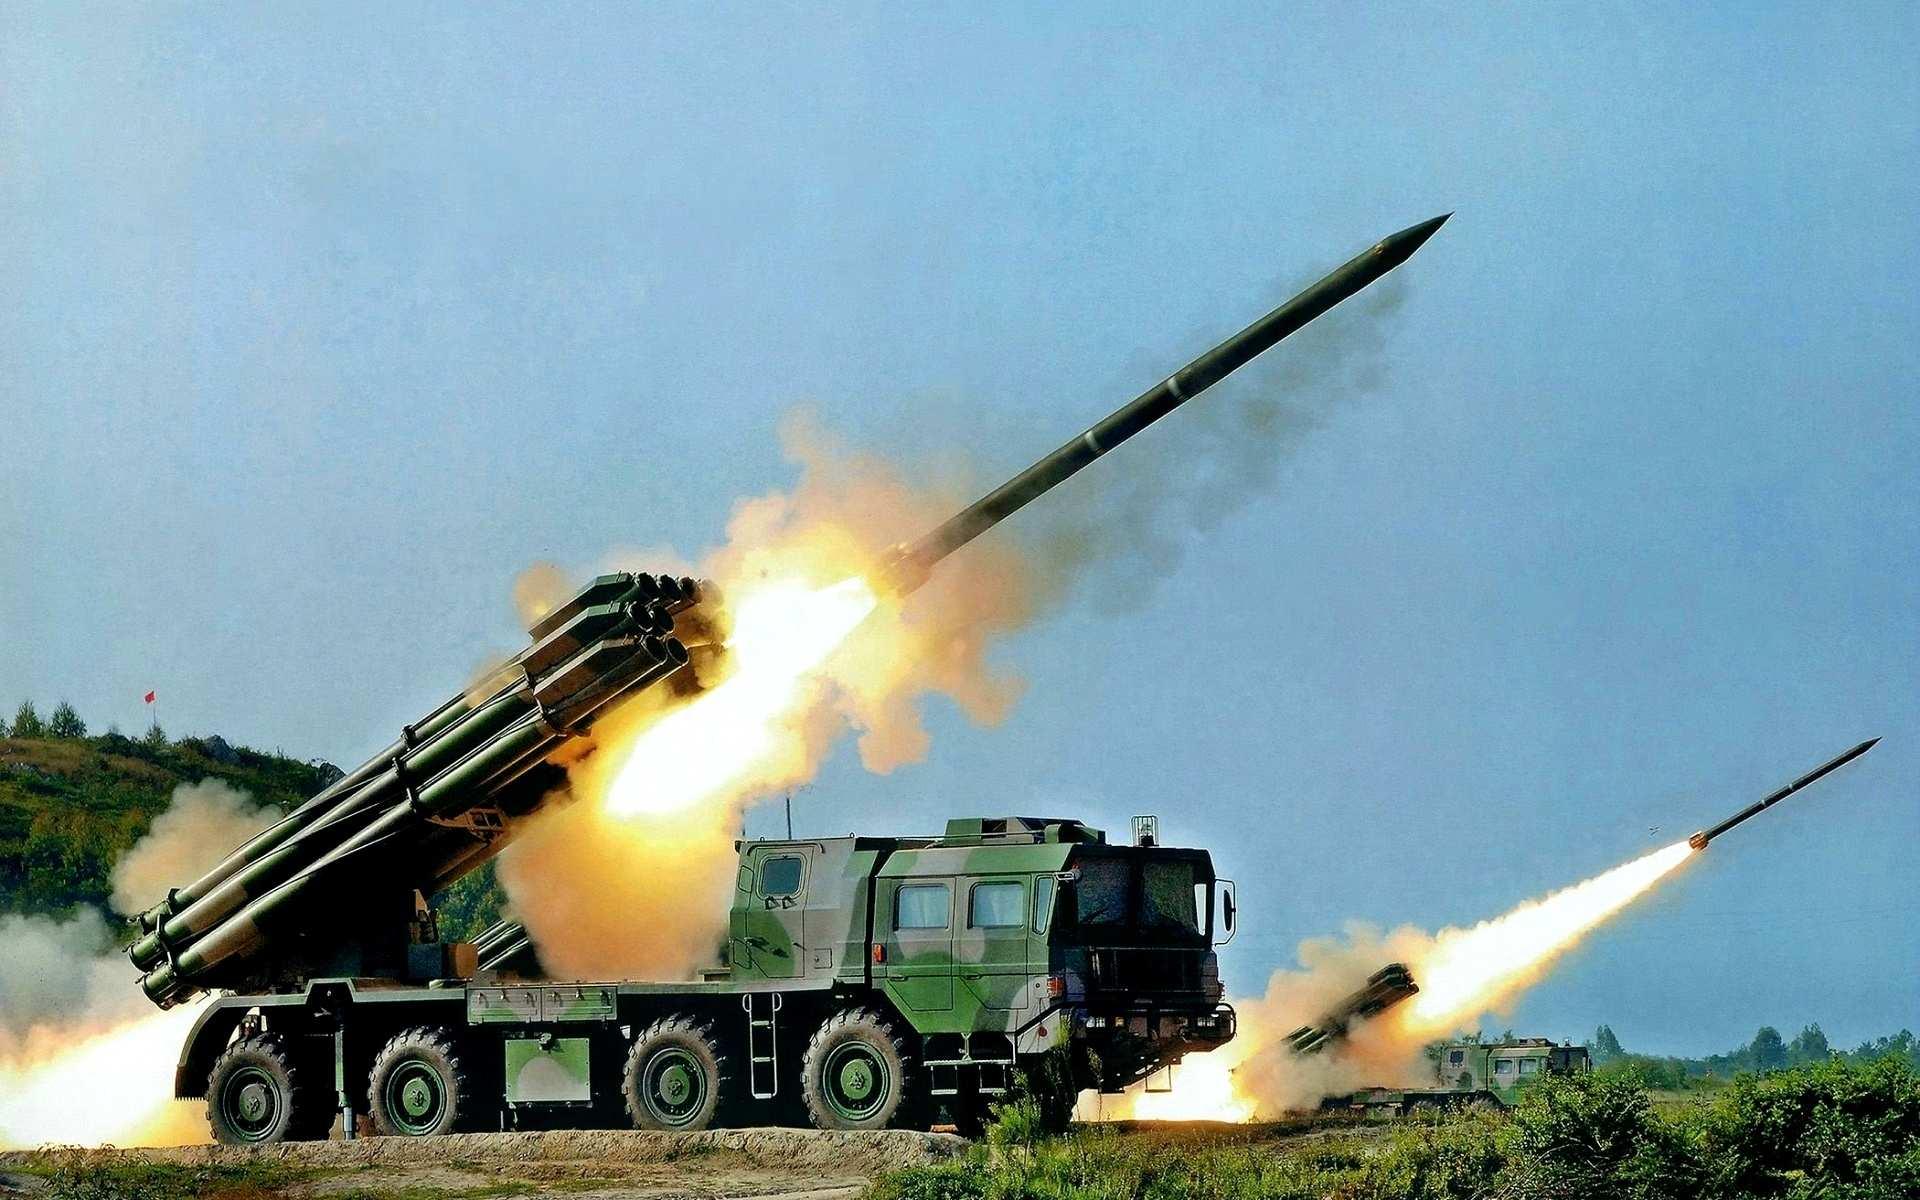 «Тимур»: «Смерч» сжег скопление боевиков, в Хомсе ИГИЛ несет огромные потери от ударов ВВС, сбит МИГ-21, боевики пытаются убить своих лидеров из-за перемирия | Русская весна